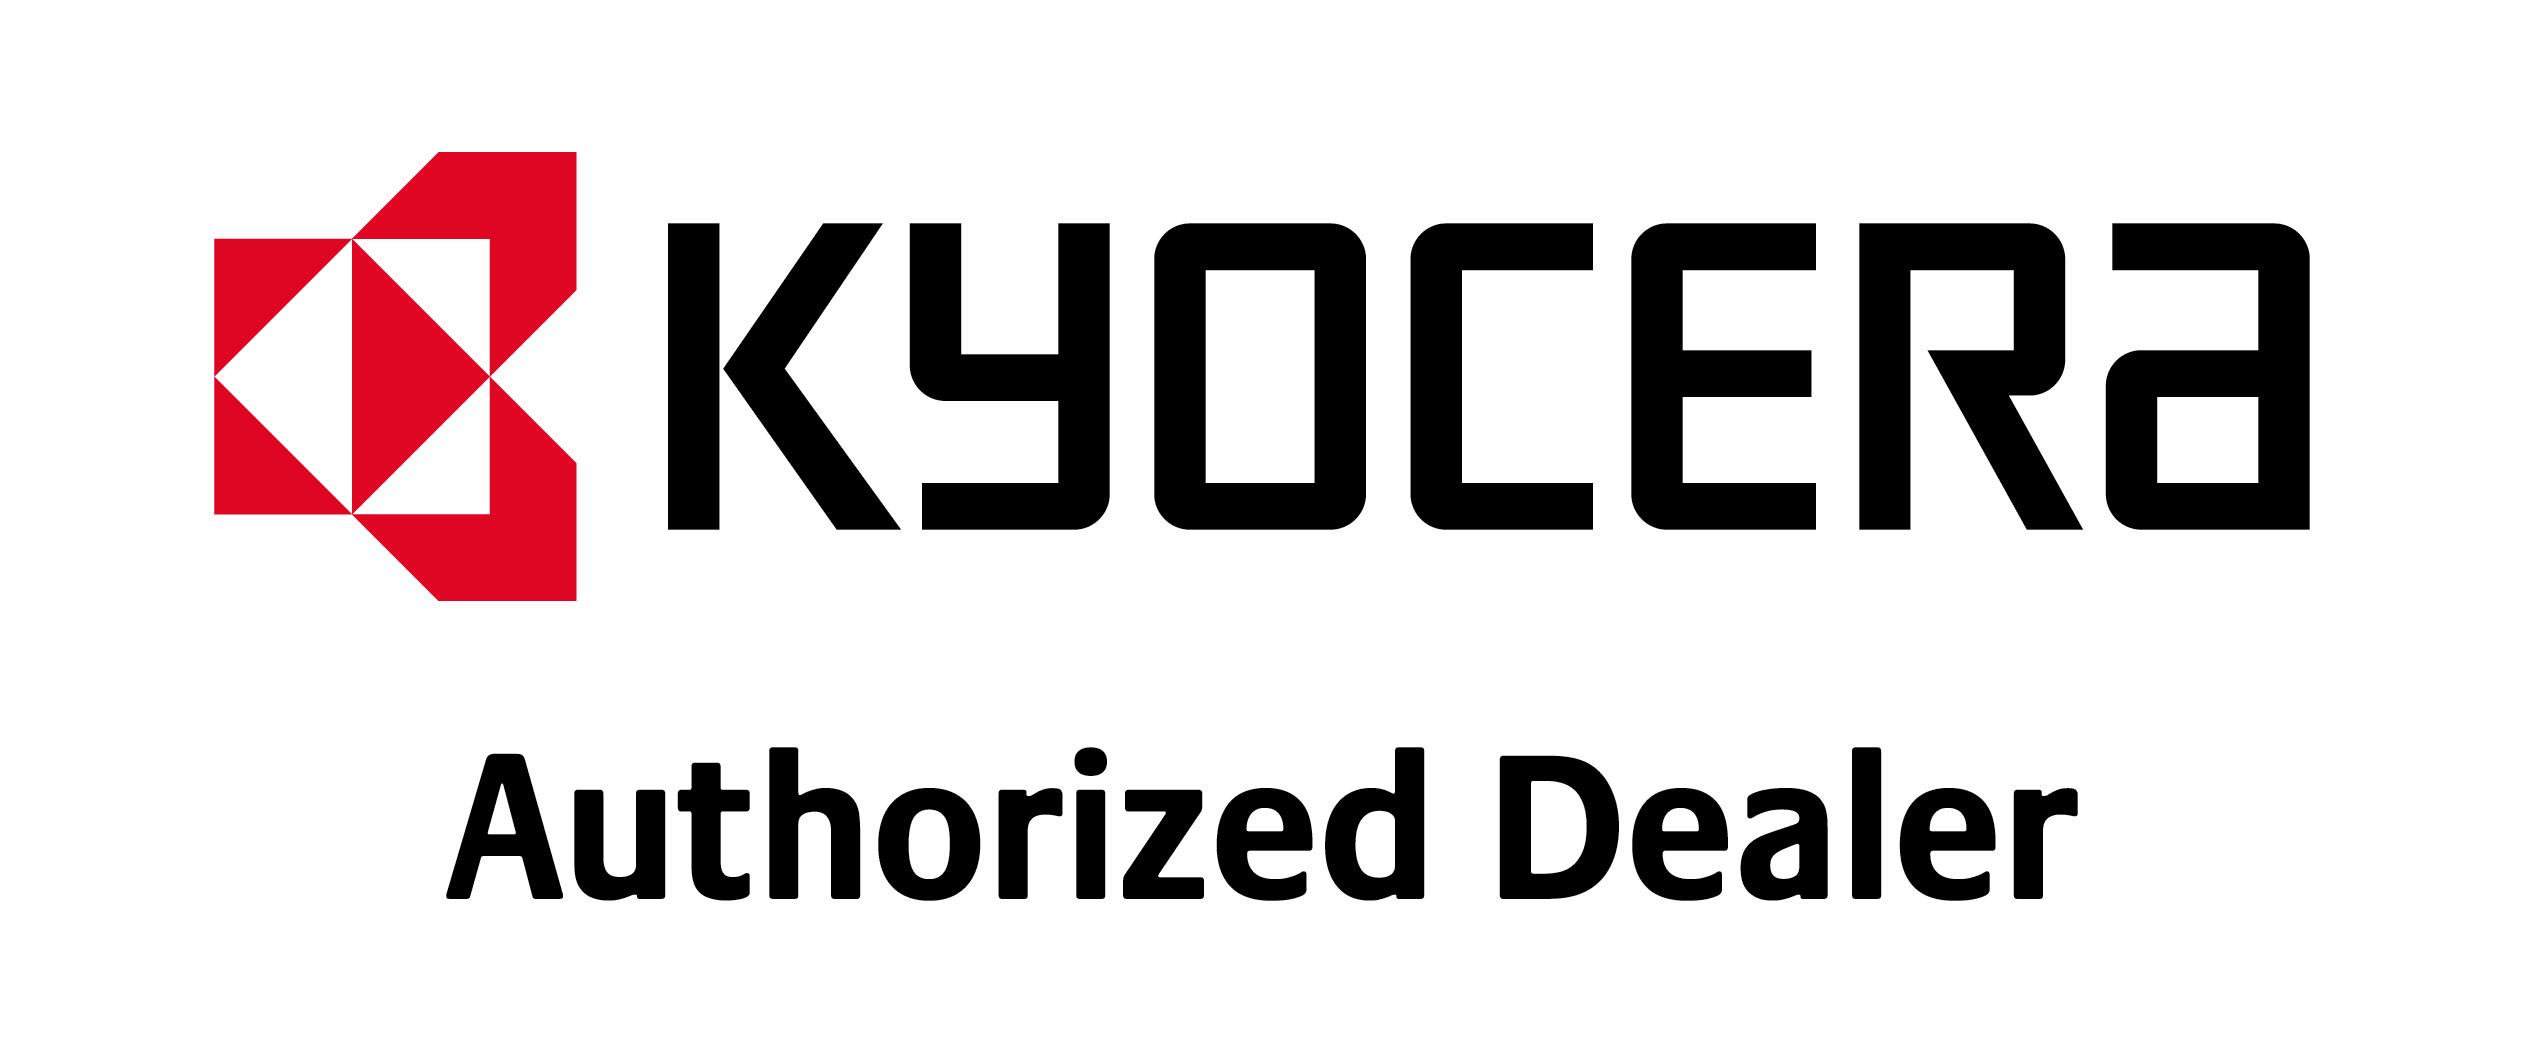 Nieuw Kyocera logo 2020